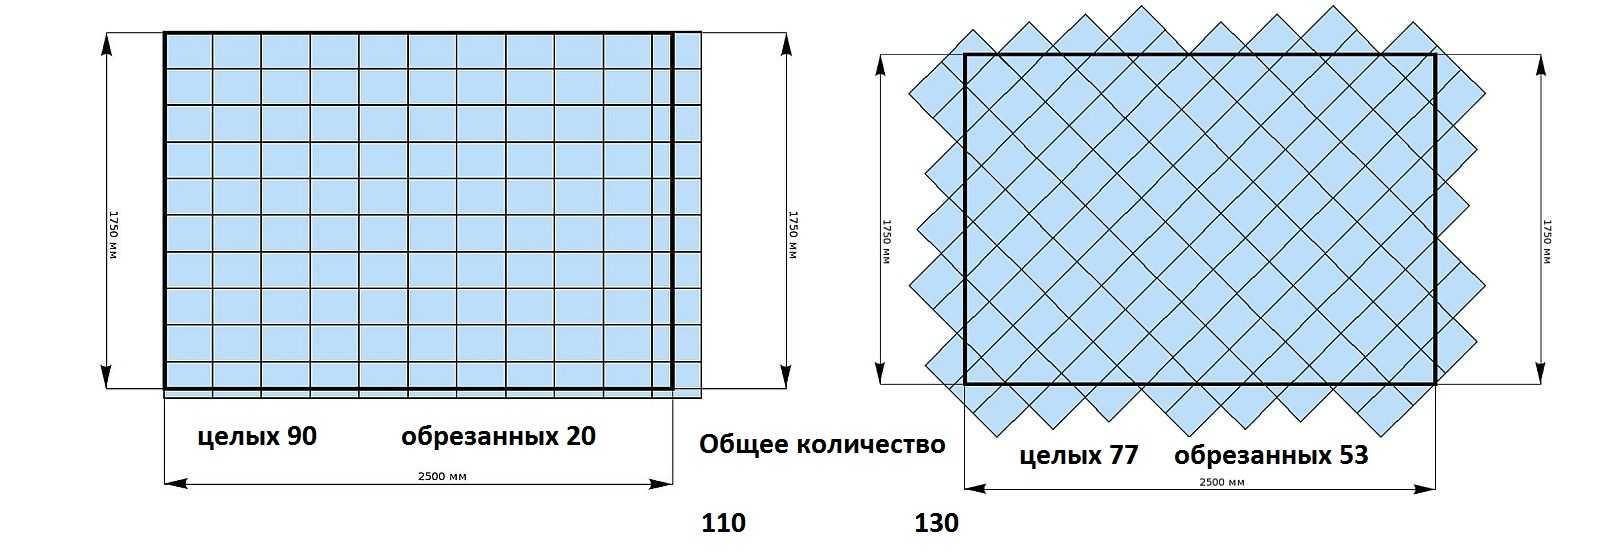 Как рассчитать плитку в ванную: сколько кафеля покупать?